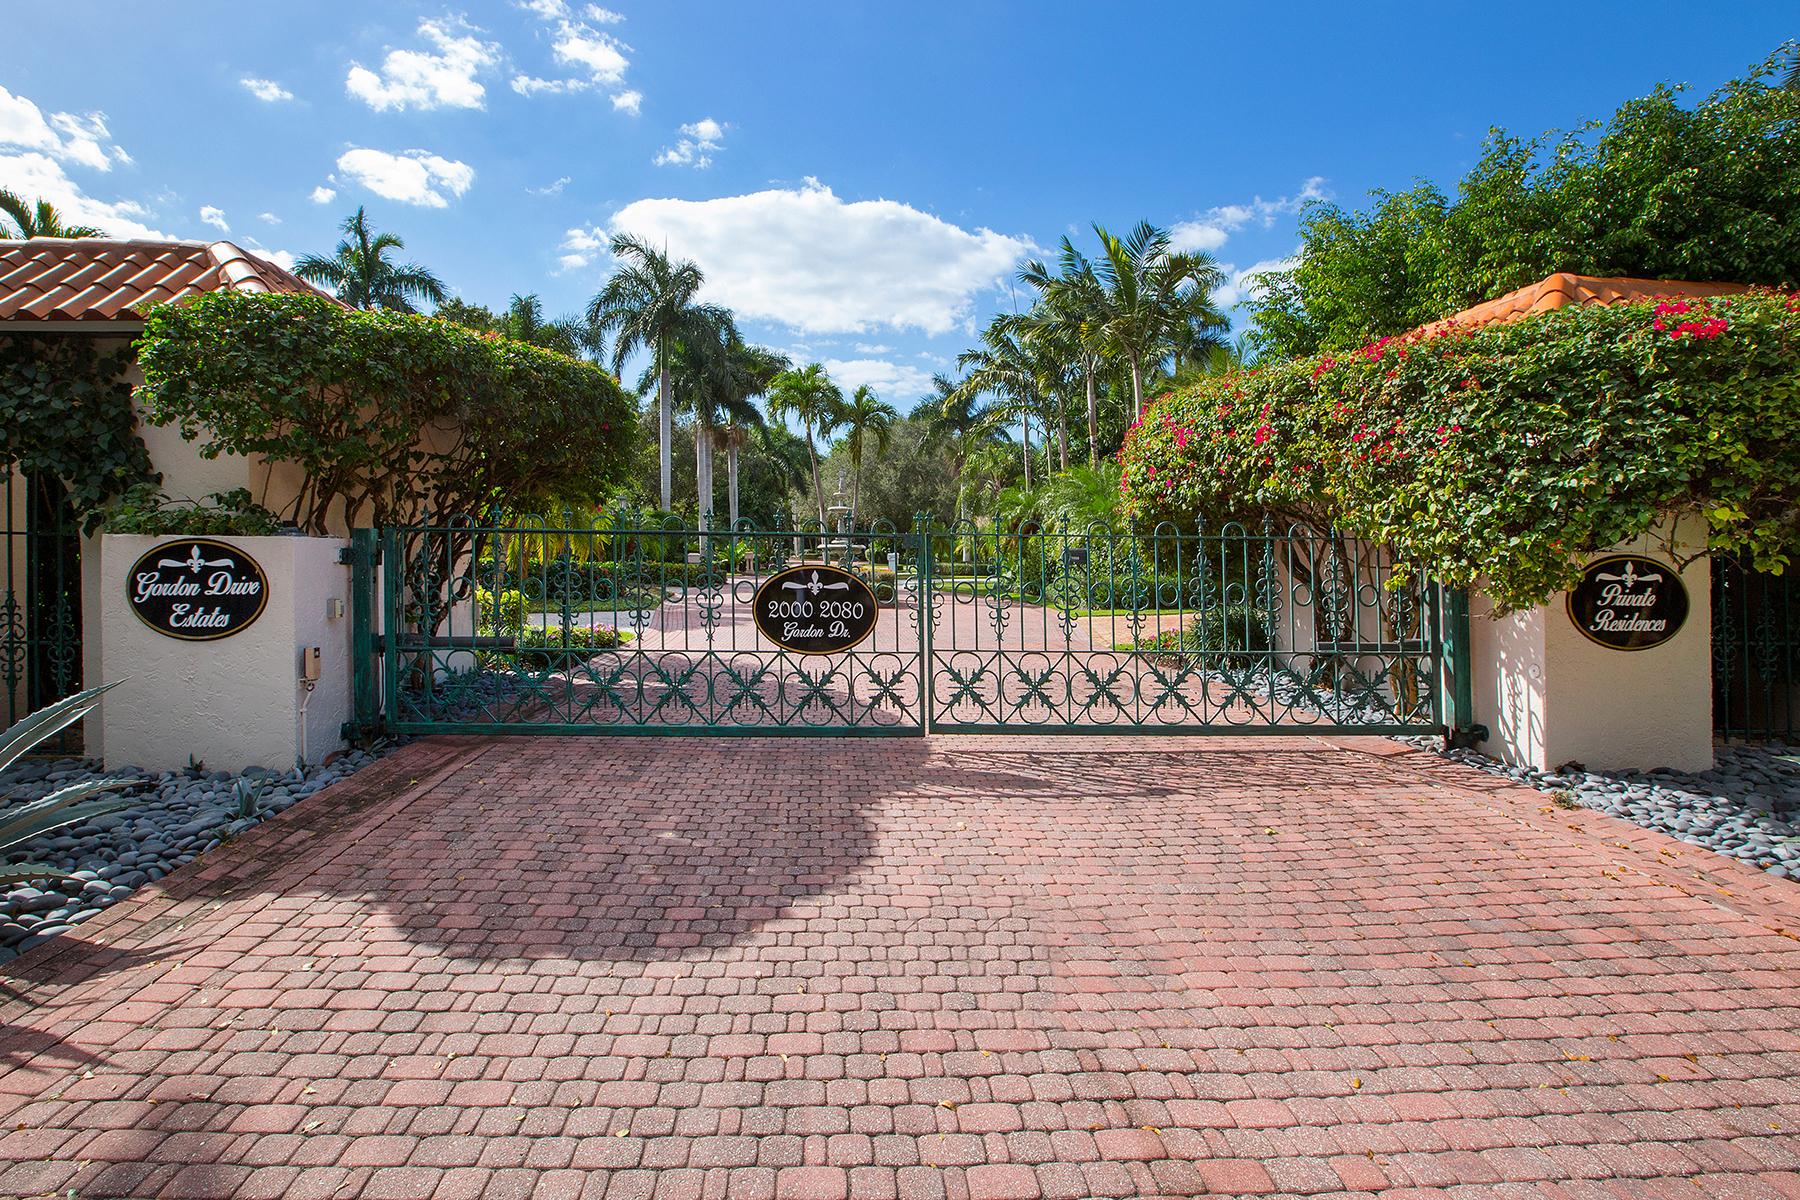 Single Family Home for Sale at Gordon Drive Estates 2030 Gordon Dr, Naples, Florida 34102 United States